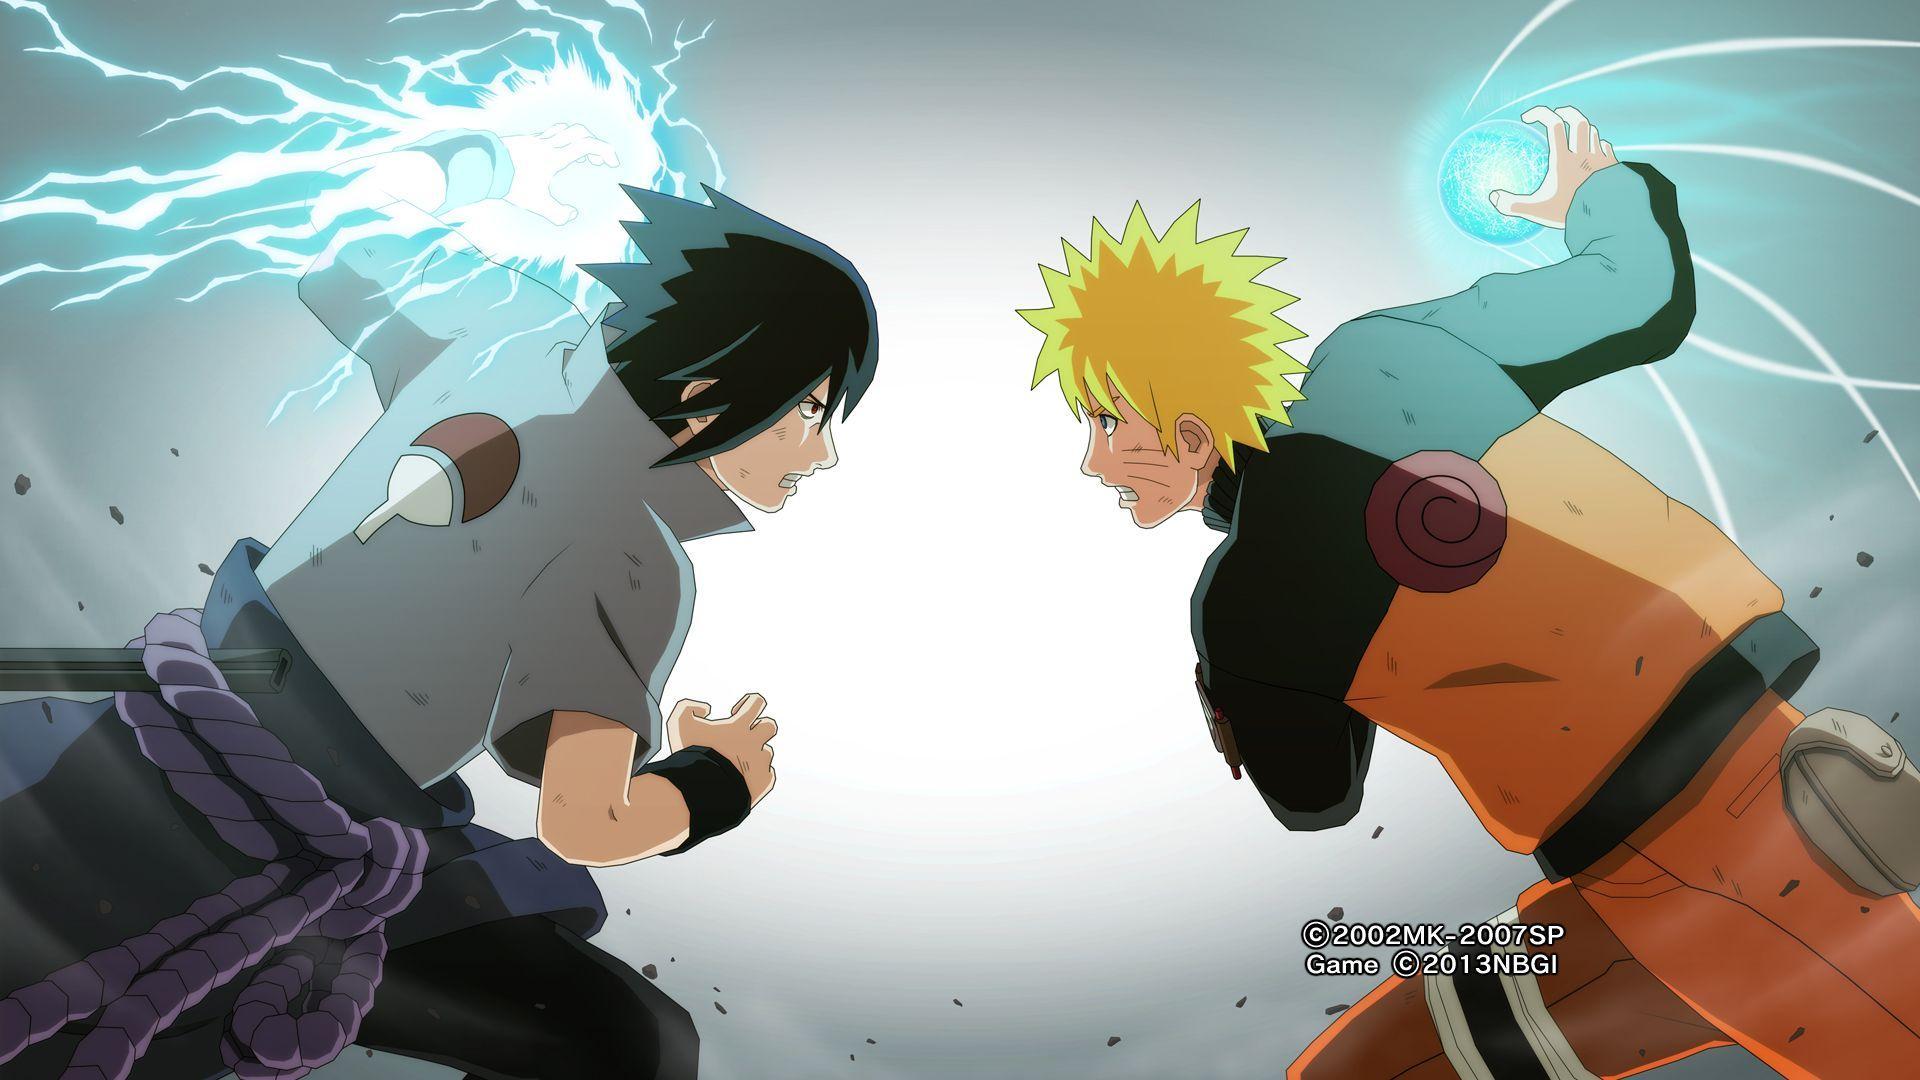 Unduh 660 Wallpaper Naruto Terkeren Hd Foto Terbaik